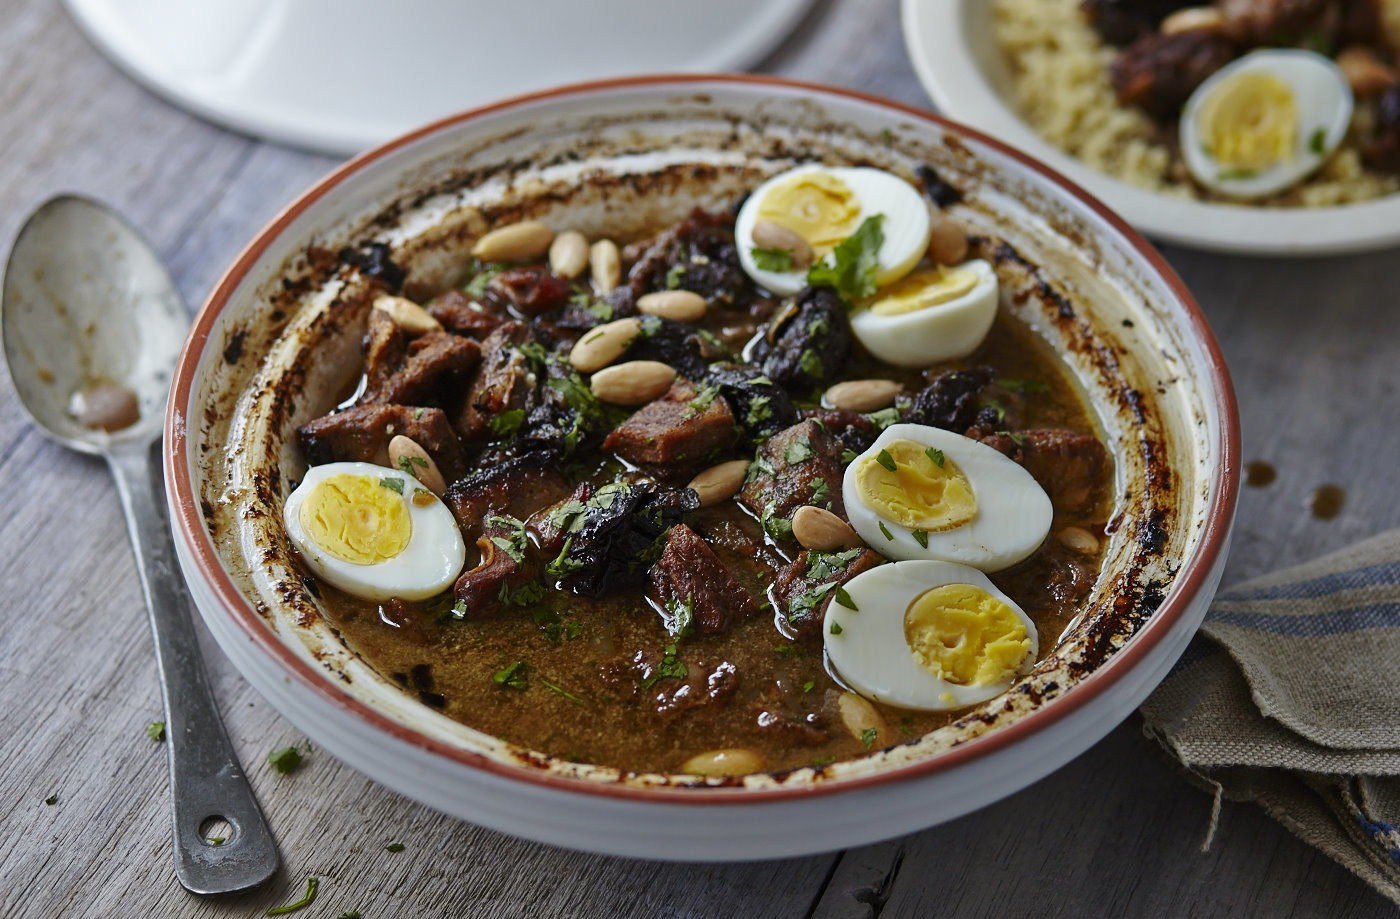 أطباق رئيسية باستخدام الفواكه المجففة - طريقة عمل اللحم بالبرقوق على الطريقة المغربية